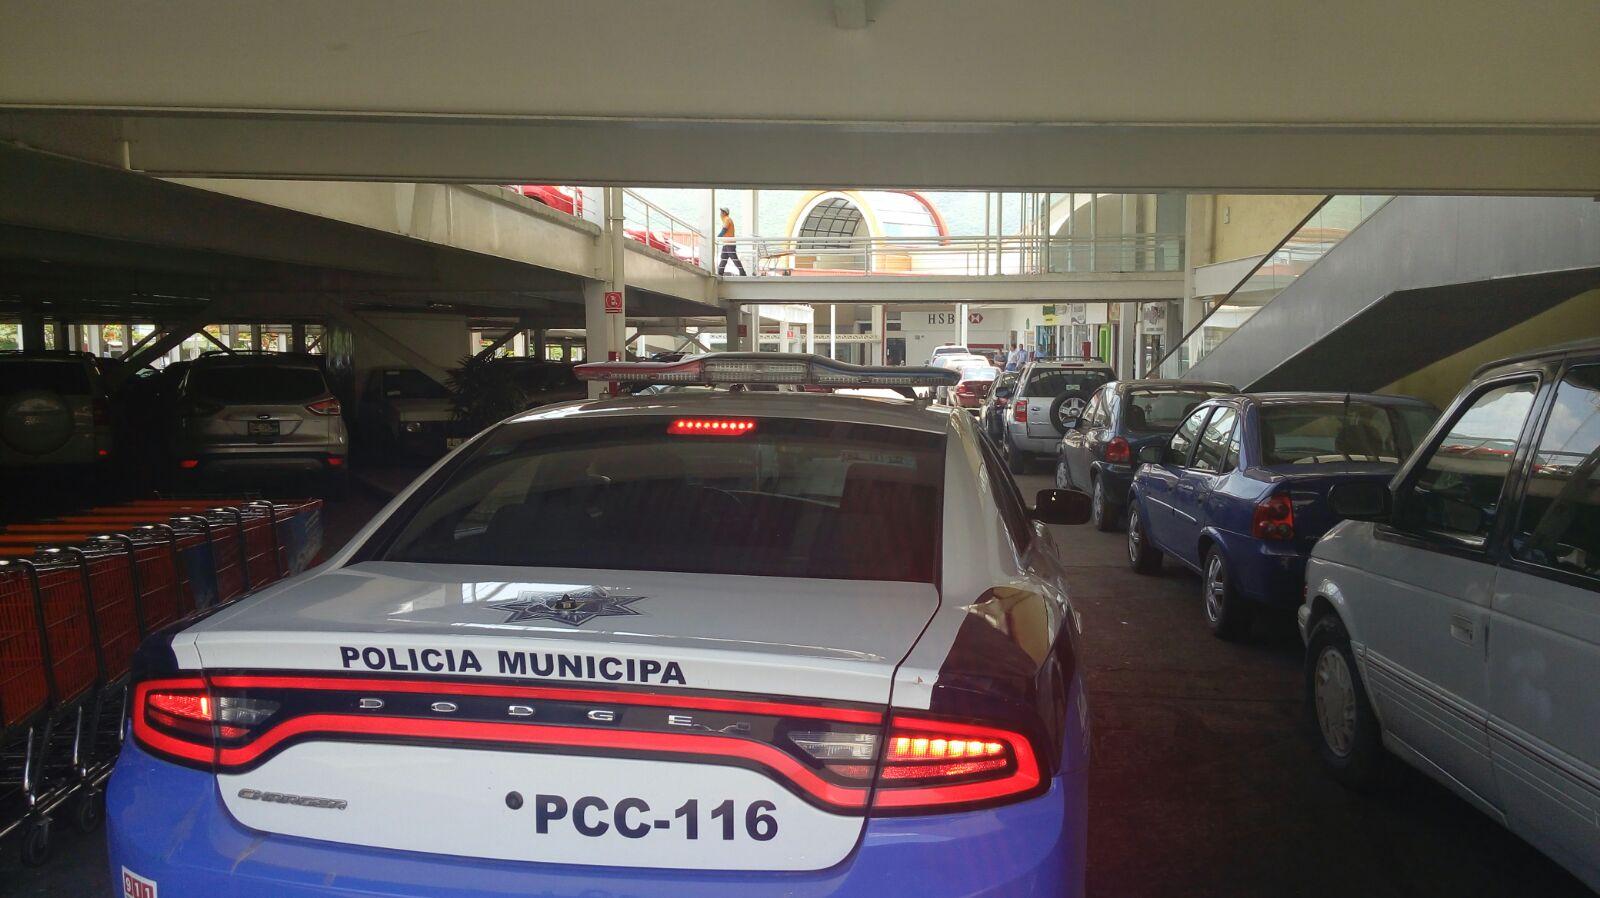 La secretaria de Seguridad Pública y Tránsito Municipal, redobla vigilancia en centros comerciales y sus alrededores